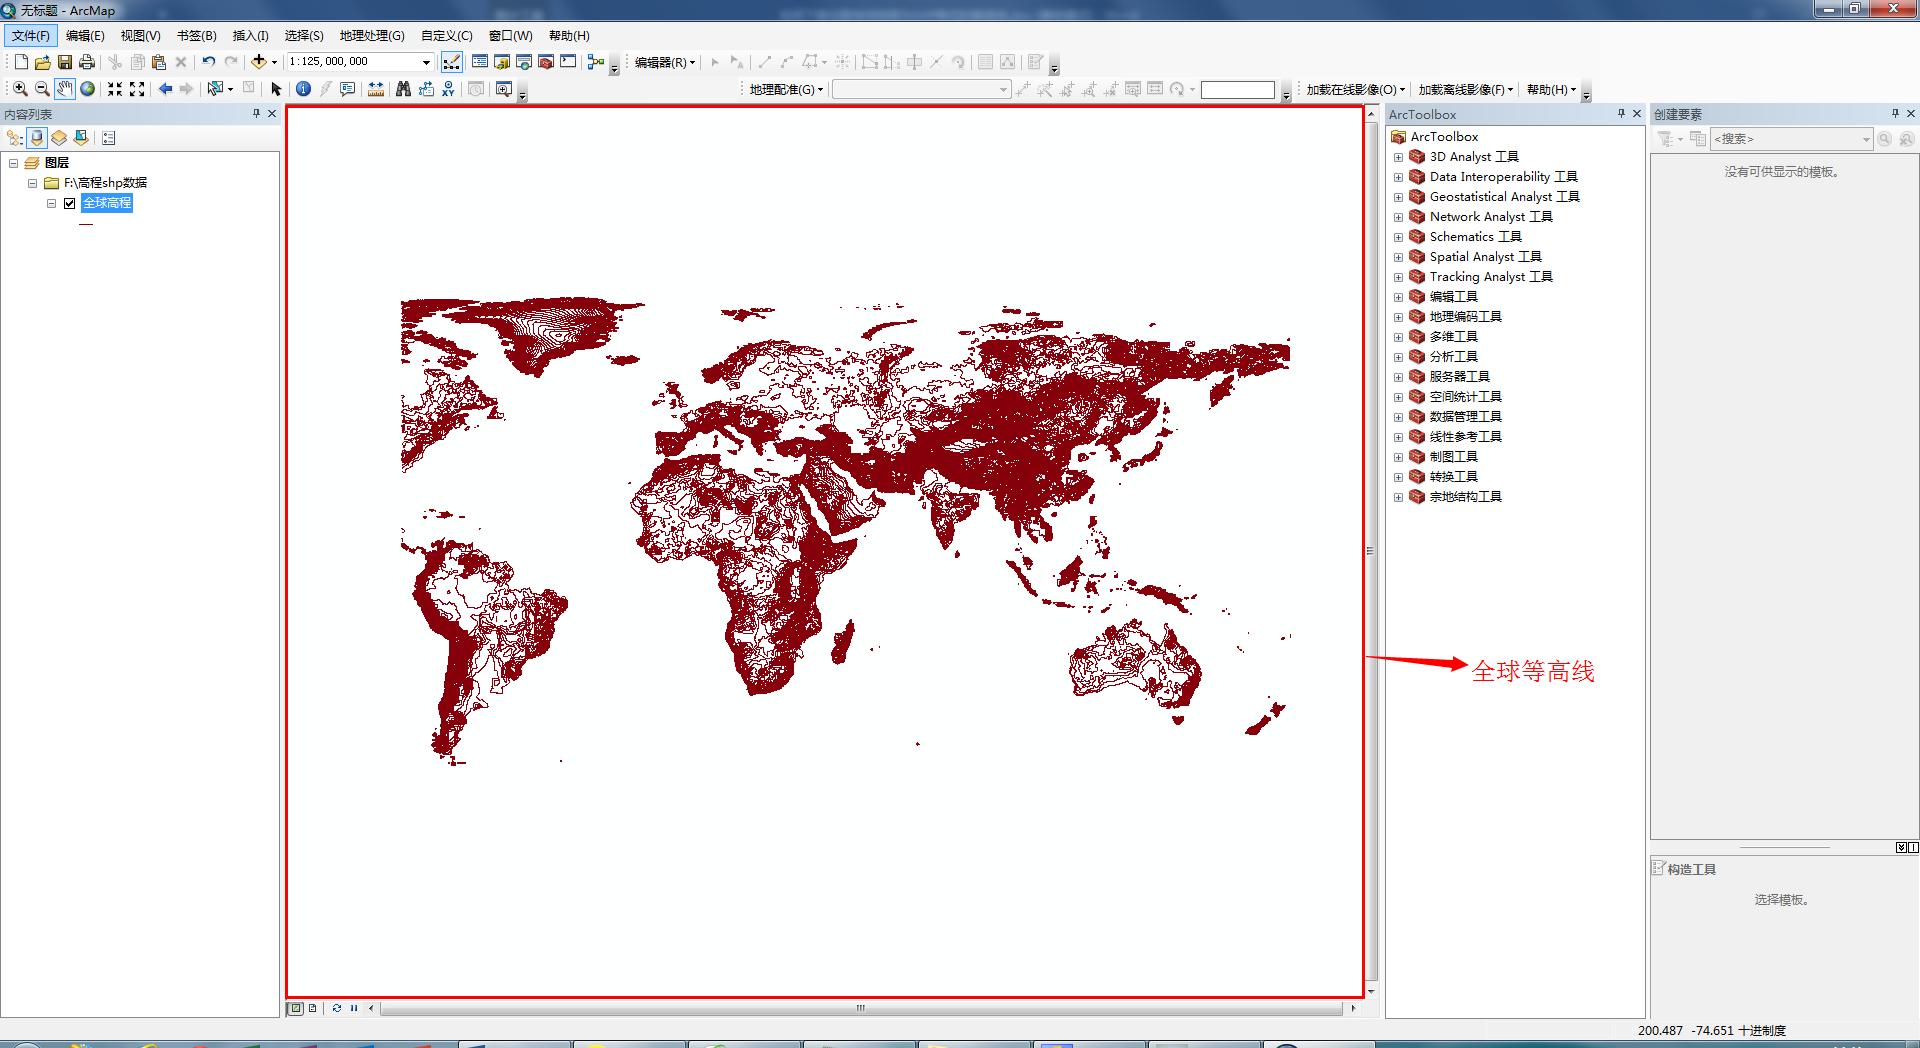 世界地球矢量图